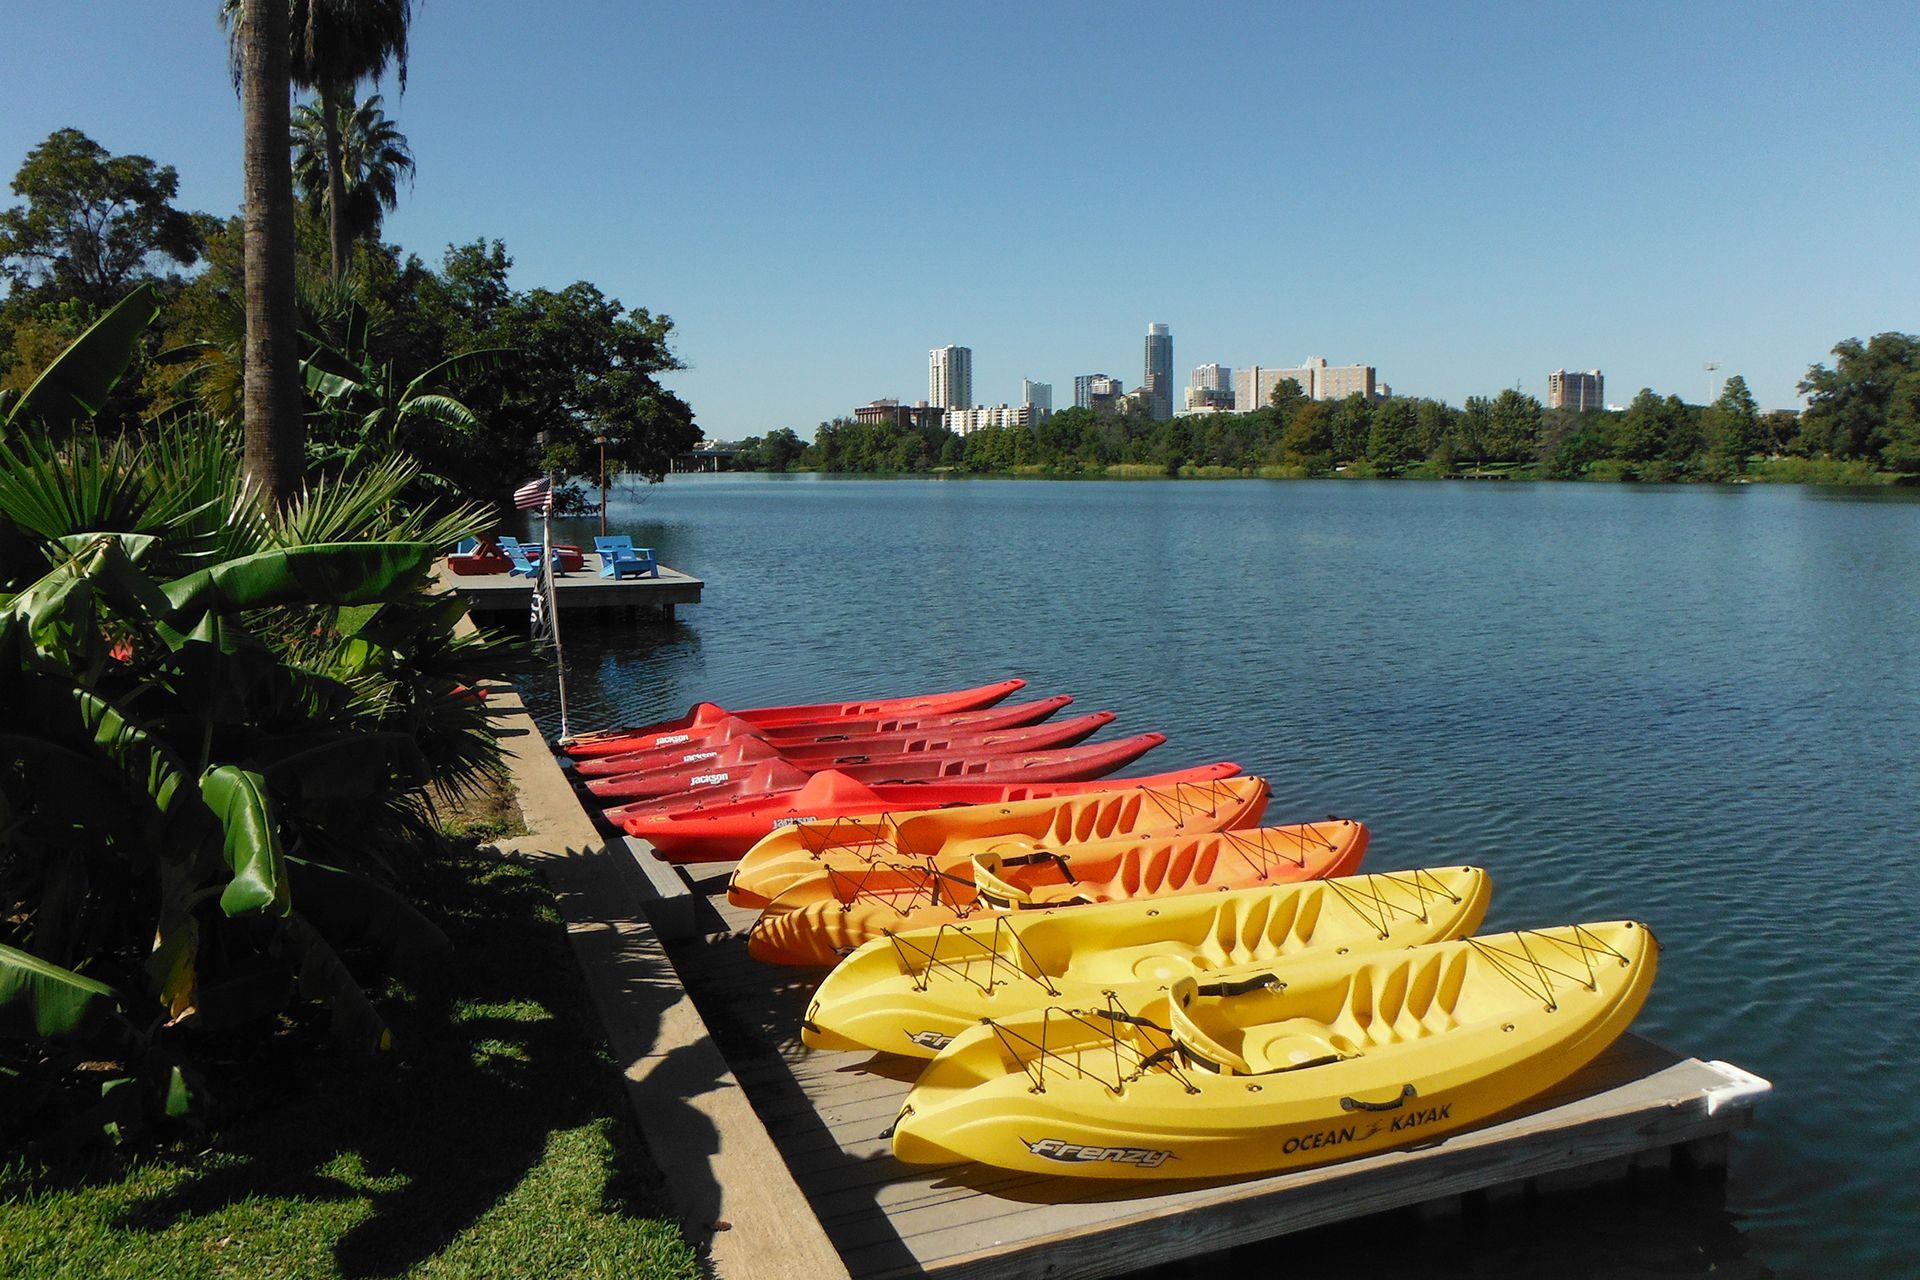 Austin kayak and paddleboard rentals on lady bird lake